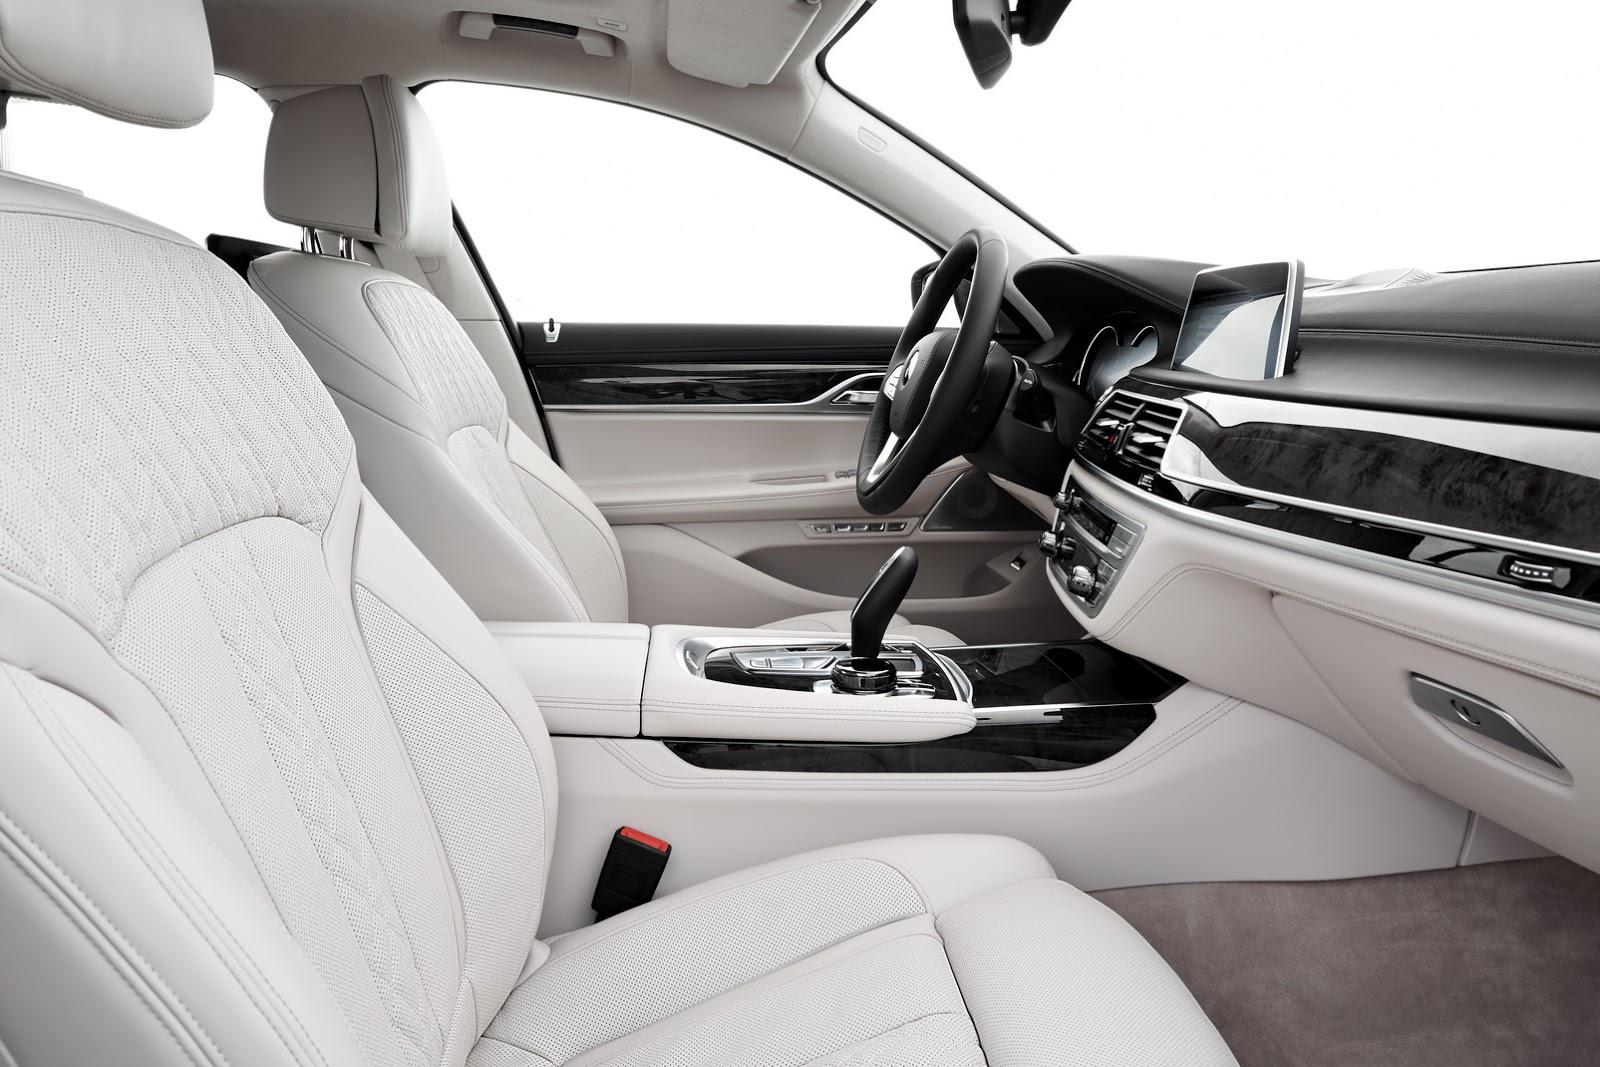 2016-BMW-7-Series-New48 புதிய பிஎம்டபிள்யூ 7 சீரிஸ் அறிமுகம்